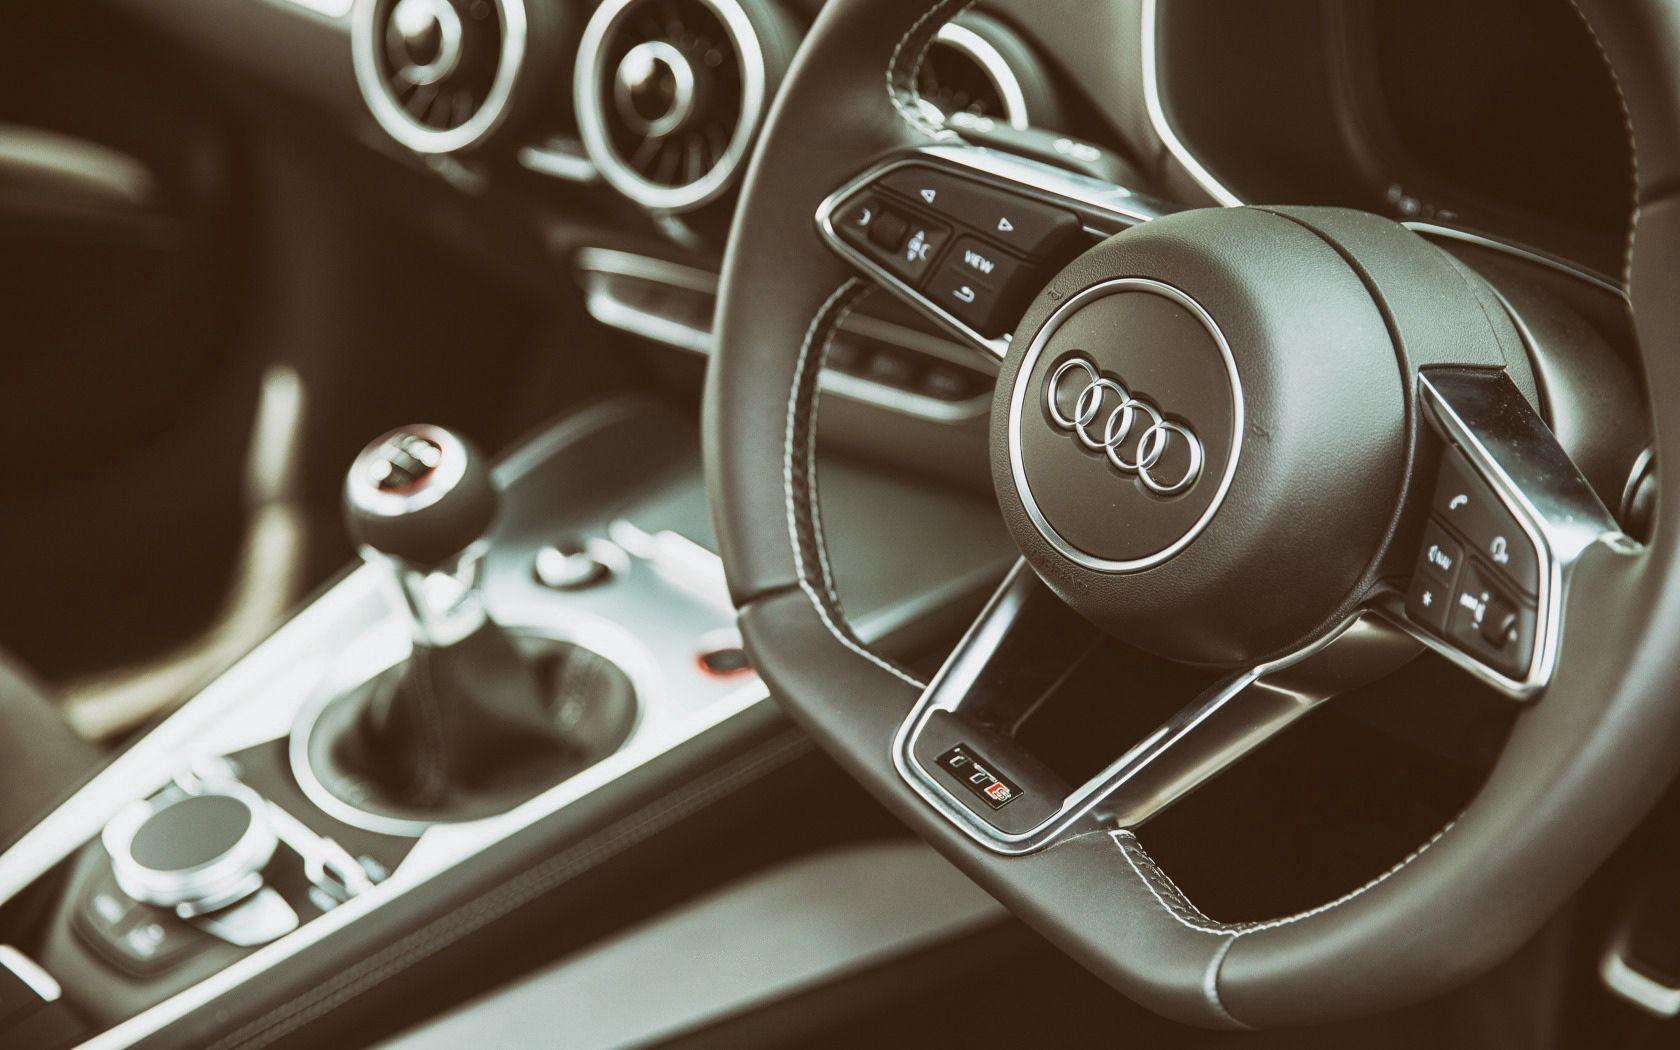 59741 Hintergrundbild herunterladen Audi, Cars, Lenkrad, Ruder, Salon, Logo, Tts - Bildschirmschoner und Bilder kostenlos